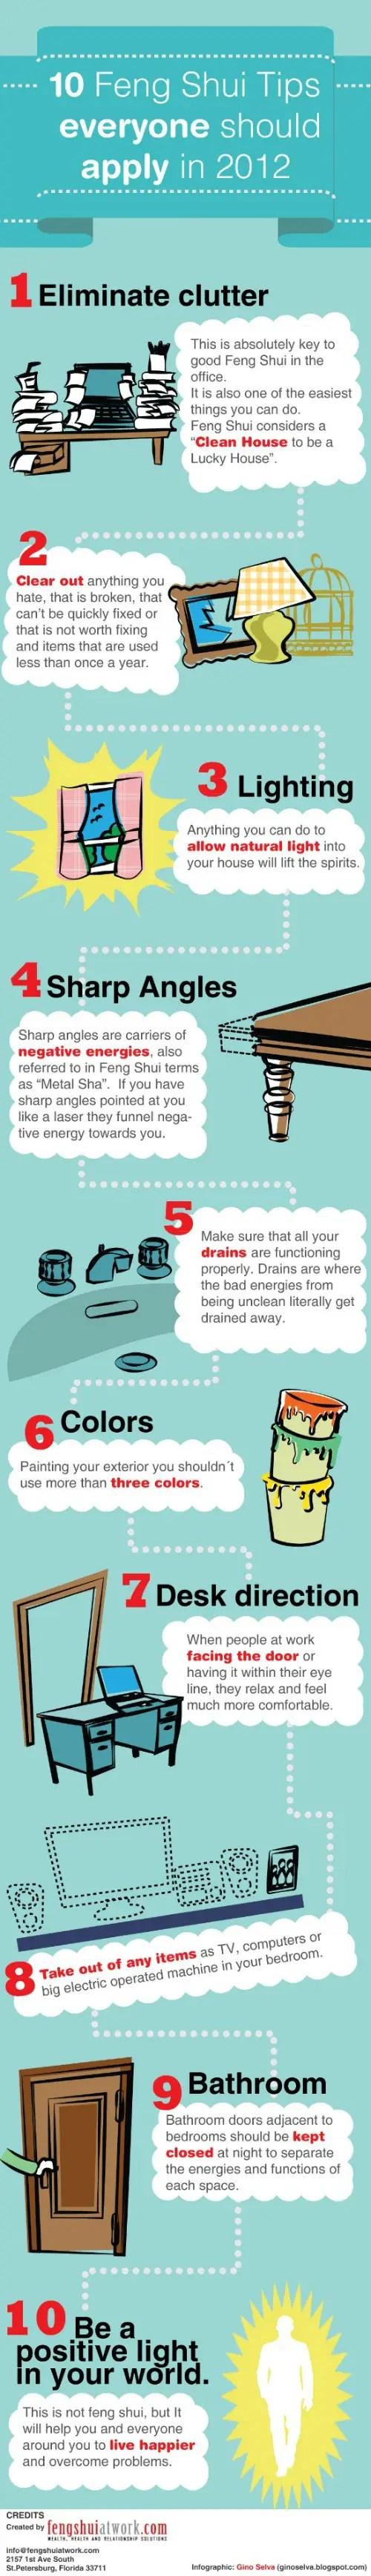 feng shui tips infographic small - 10 consejos básicos de Feng Shui para ser más feliz (infografía)